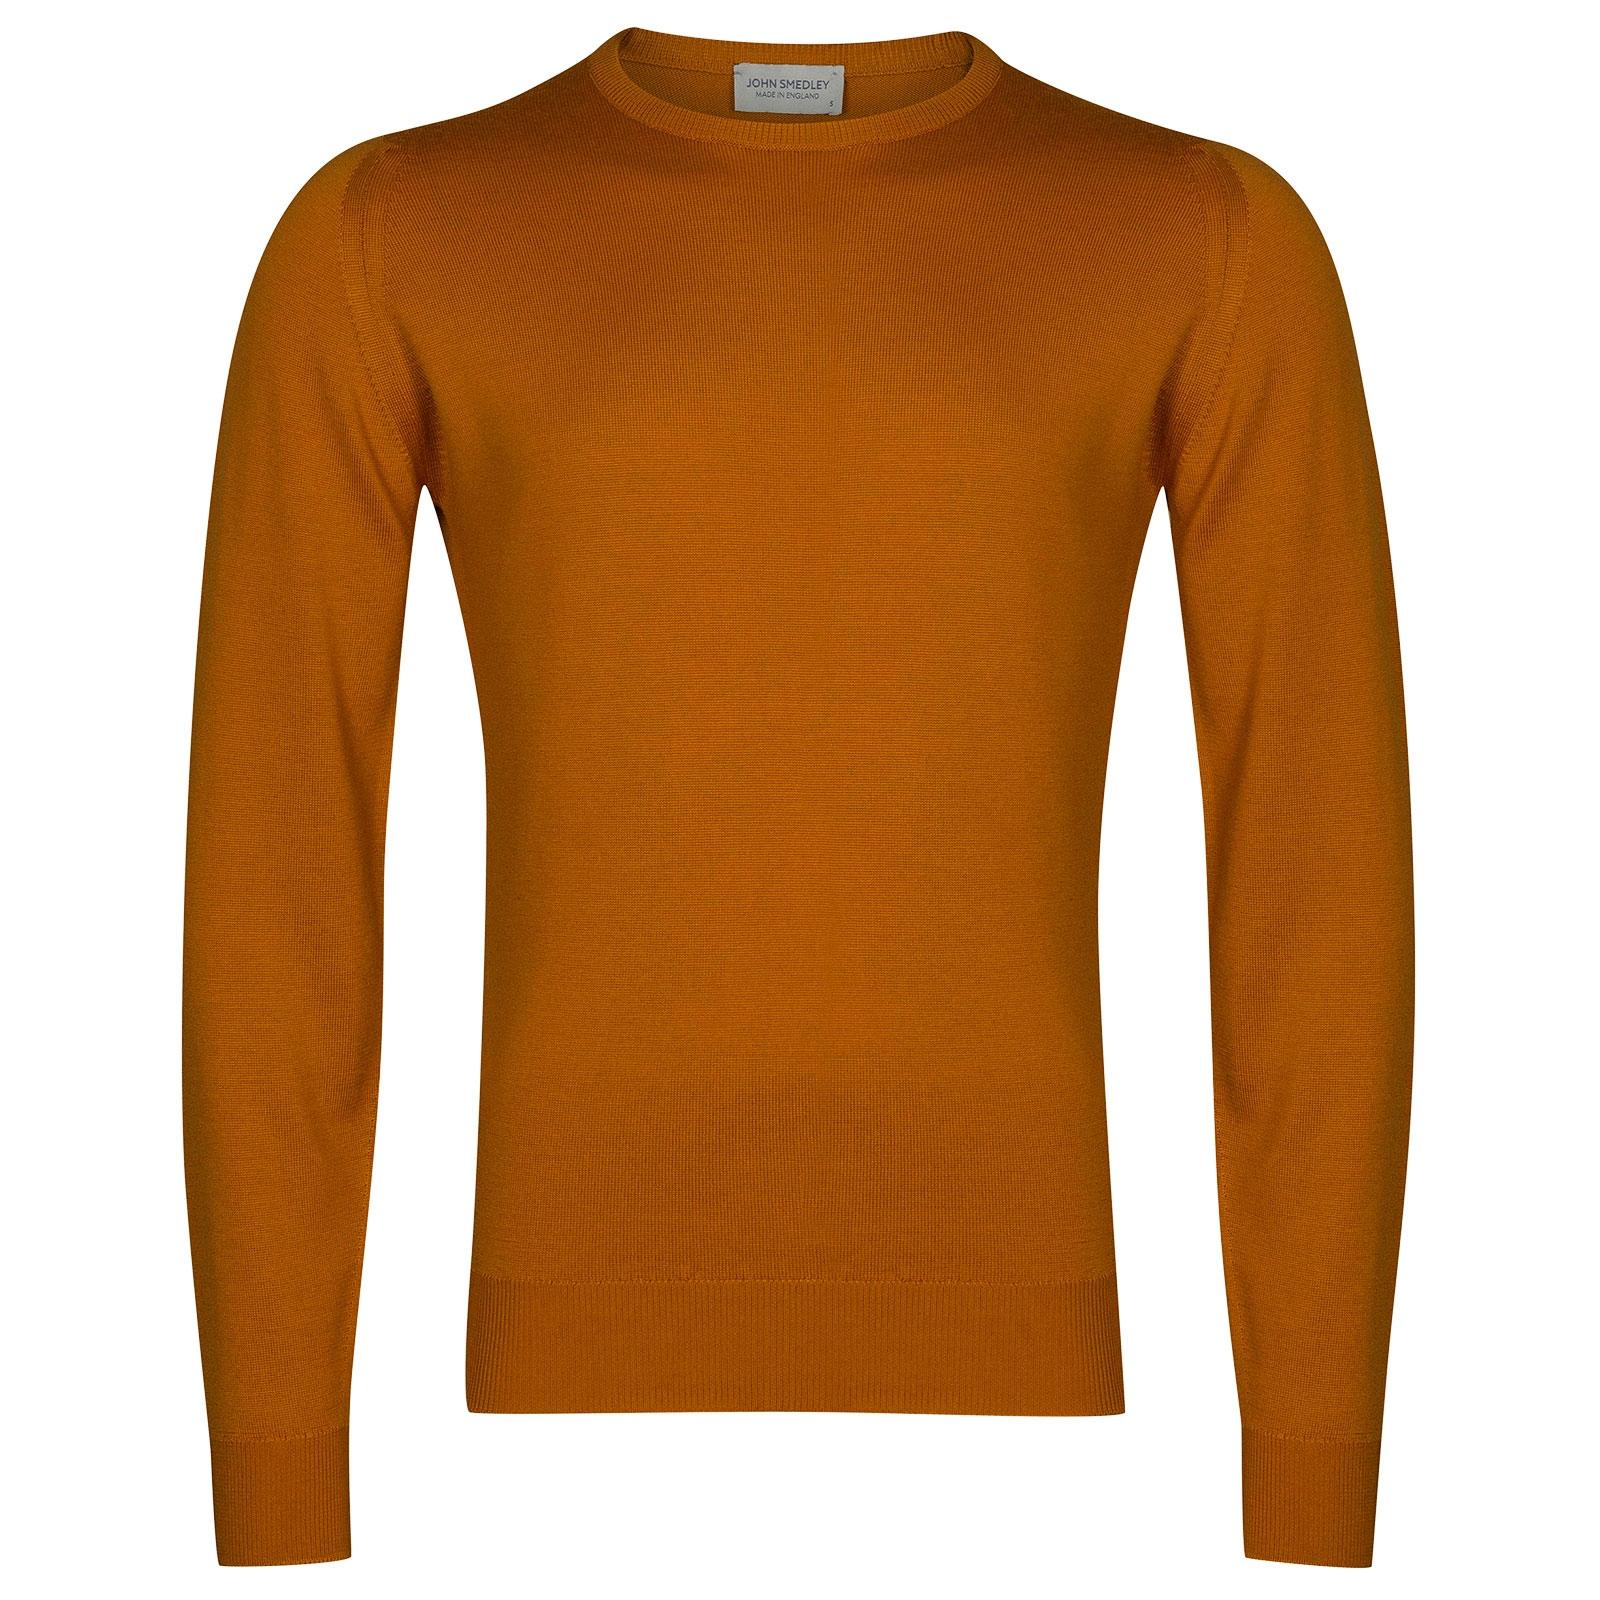 John Smedley Farhill Merino Wool Pullover in Bronze-L